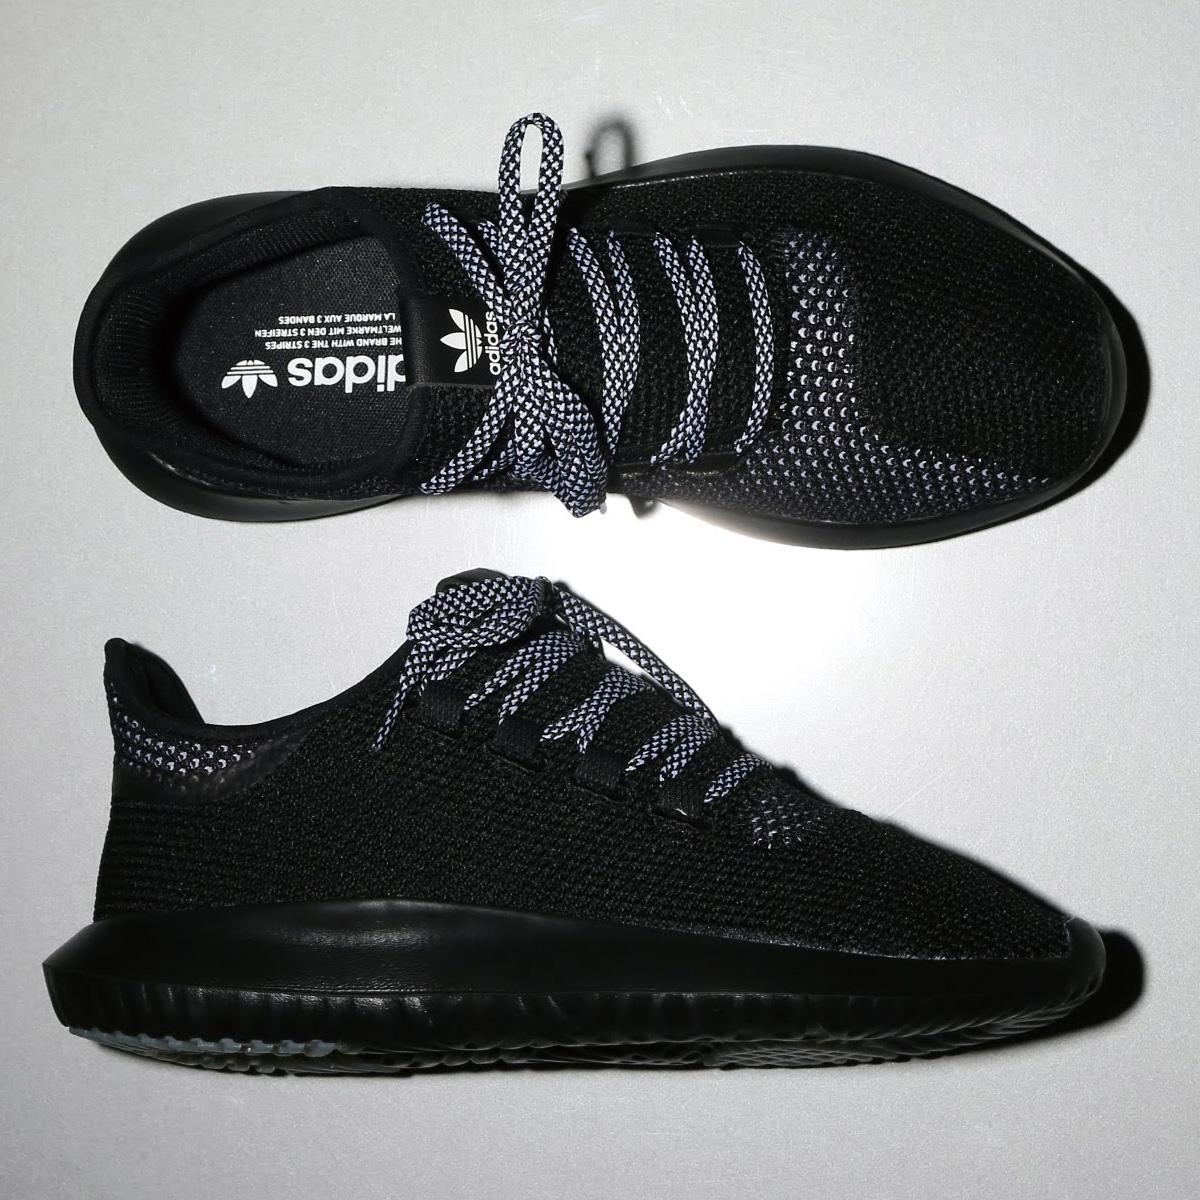 本店は adidas Originals TUBULAR SHADOW TUBULAR CK (アディダス Originals オリジナルス CK) チュブラー シャドウ CK) Core Black/Core Black/Ftwr White【メンズ スニーカー】18SS-S, モアスポーツ:103859e9 --- travelself.eu